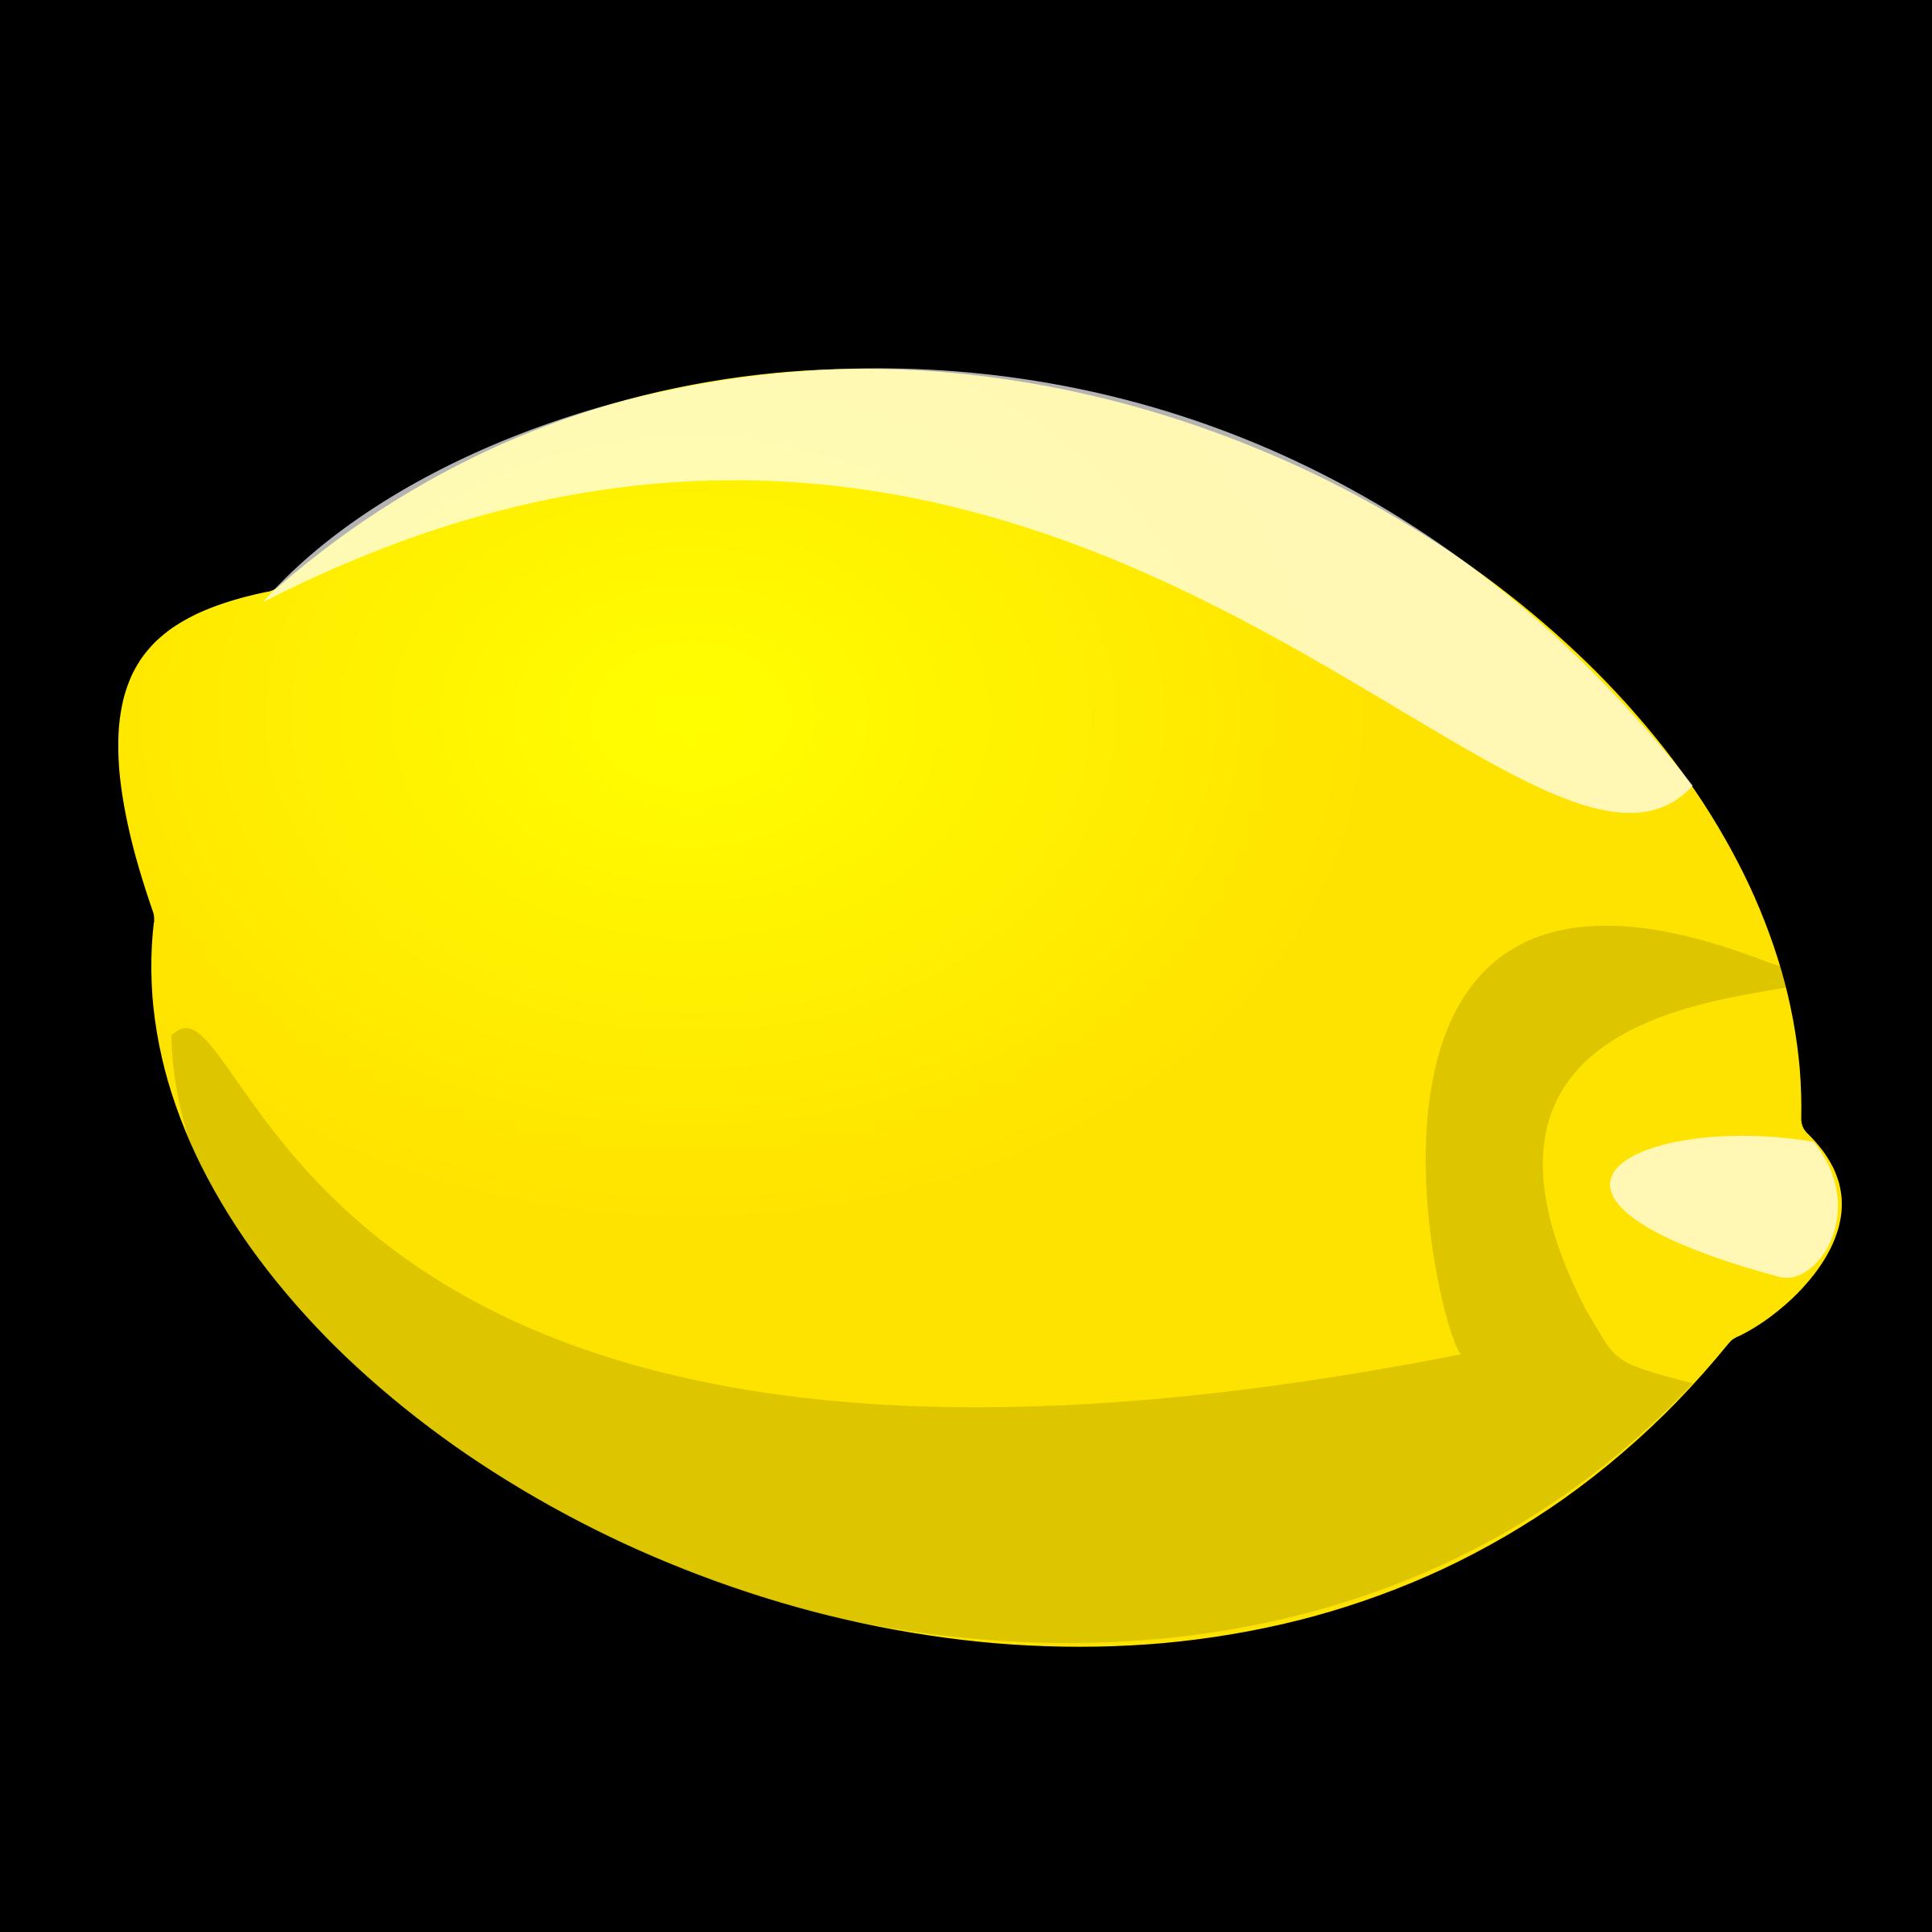 Lemonade clipart cartoon, Lemonade cartoon Transparent FREE.